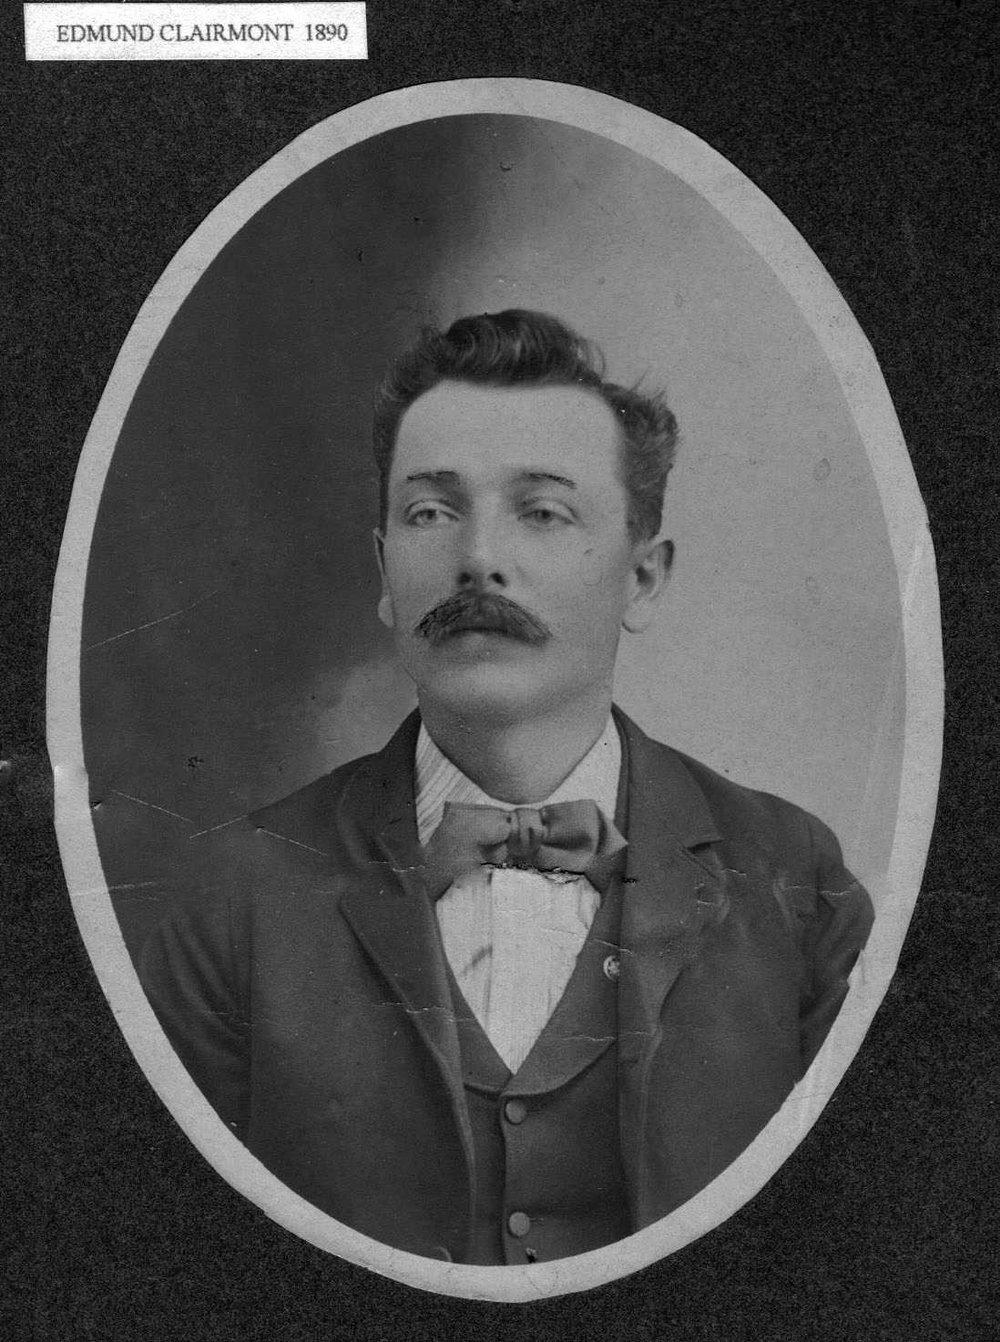 Edmond Clairmont